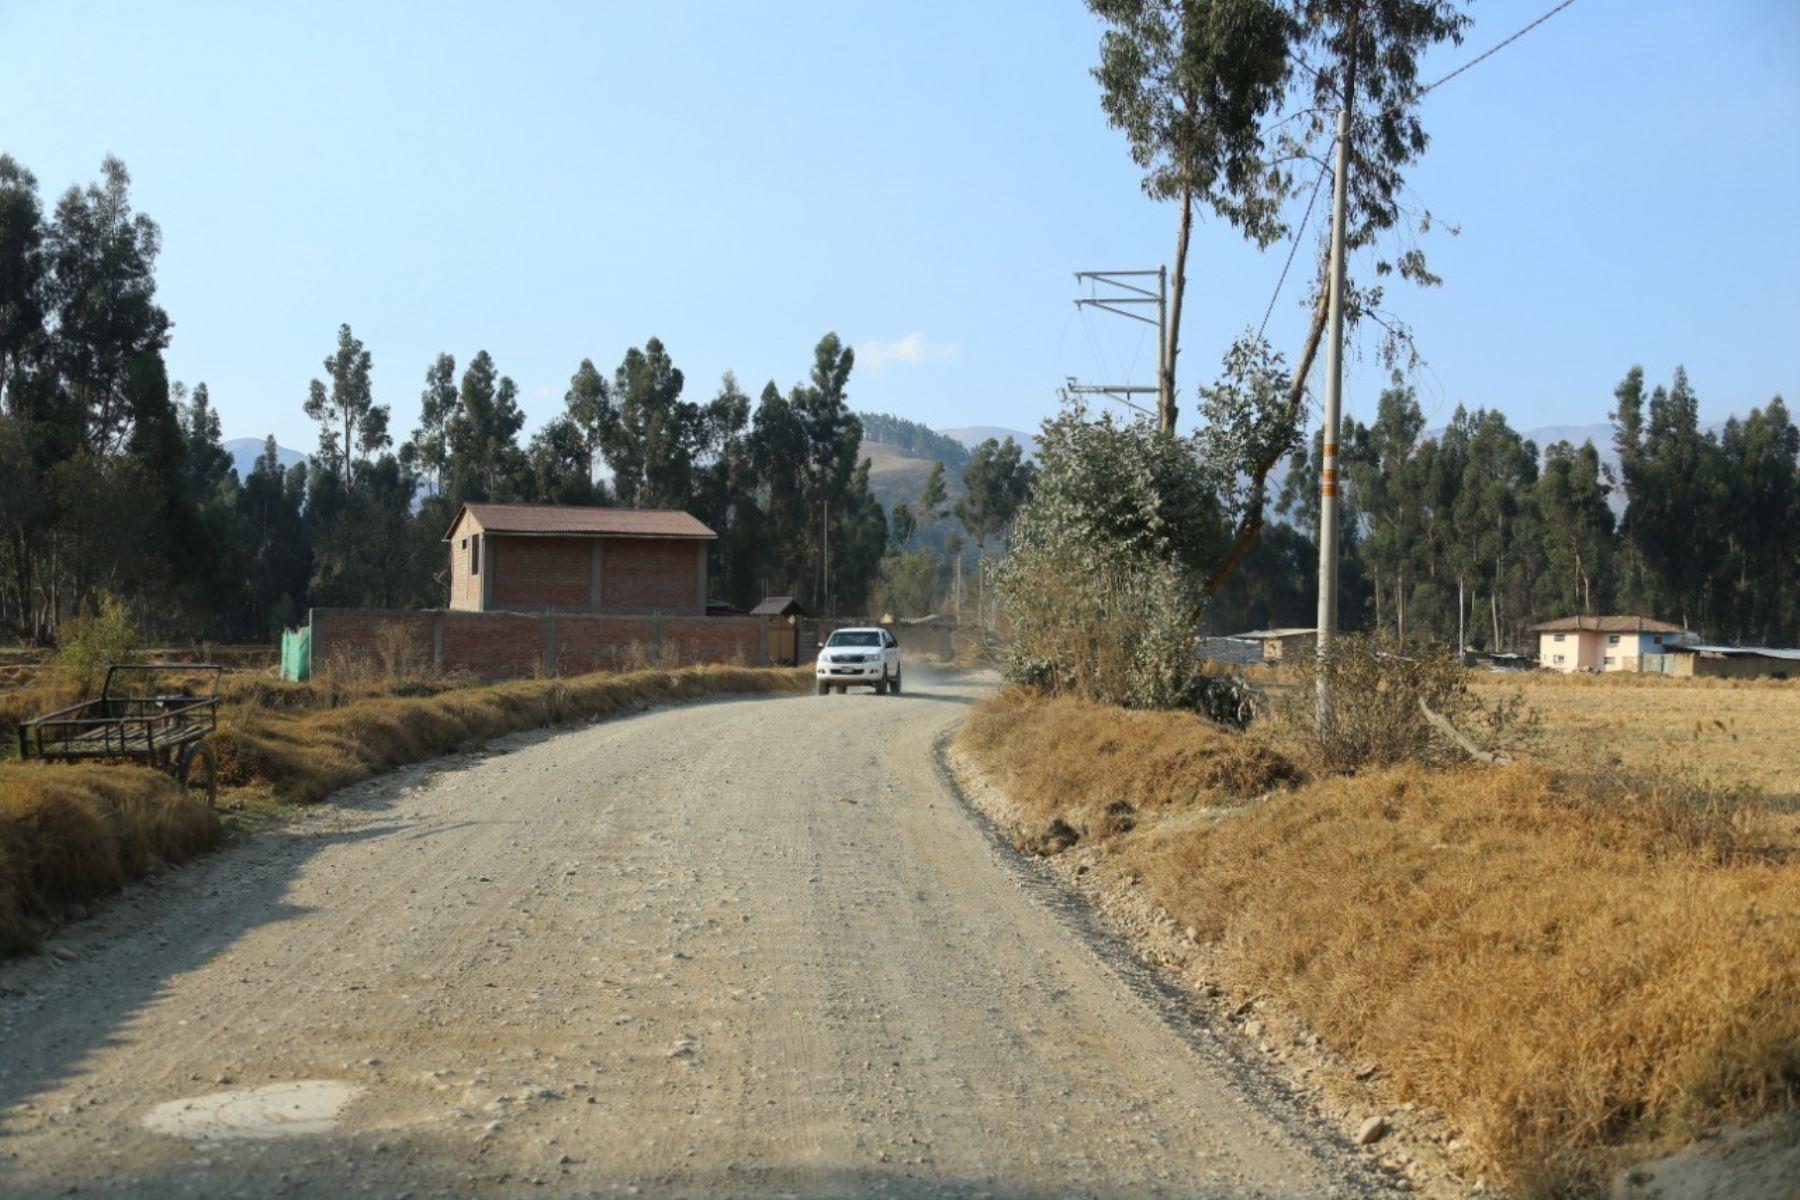 MTC invertirá S/ 195.2 millones para mejorar la carretera de Conchucos que une seis provincias de Áncash. ANDINA/Archivo